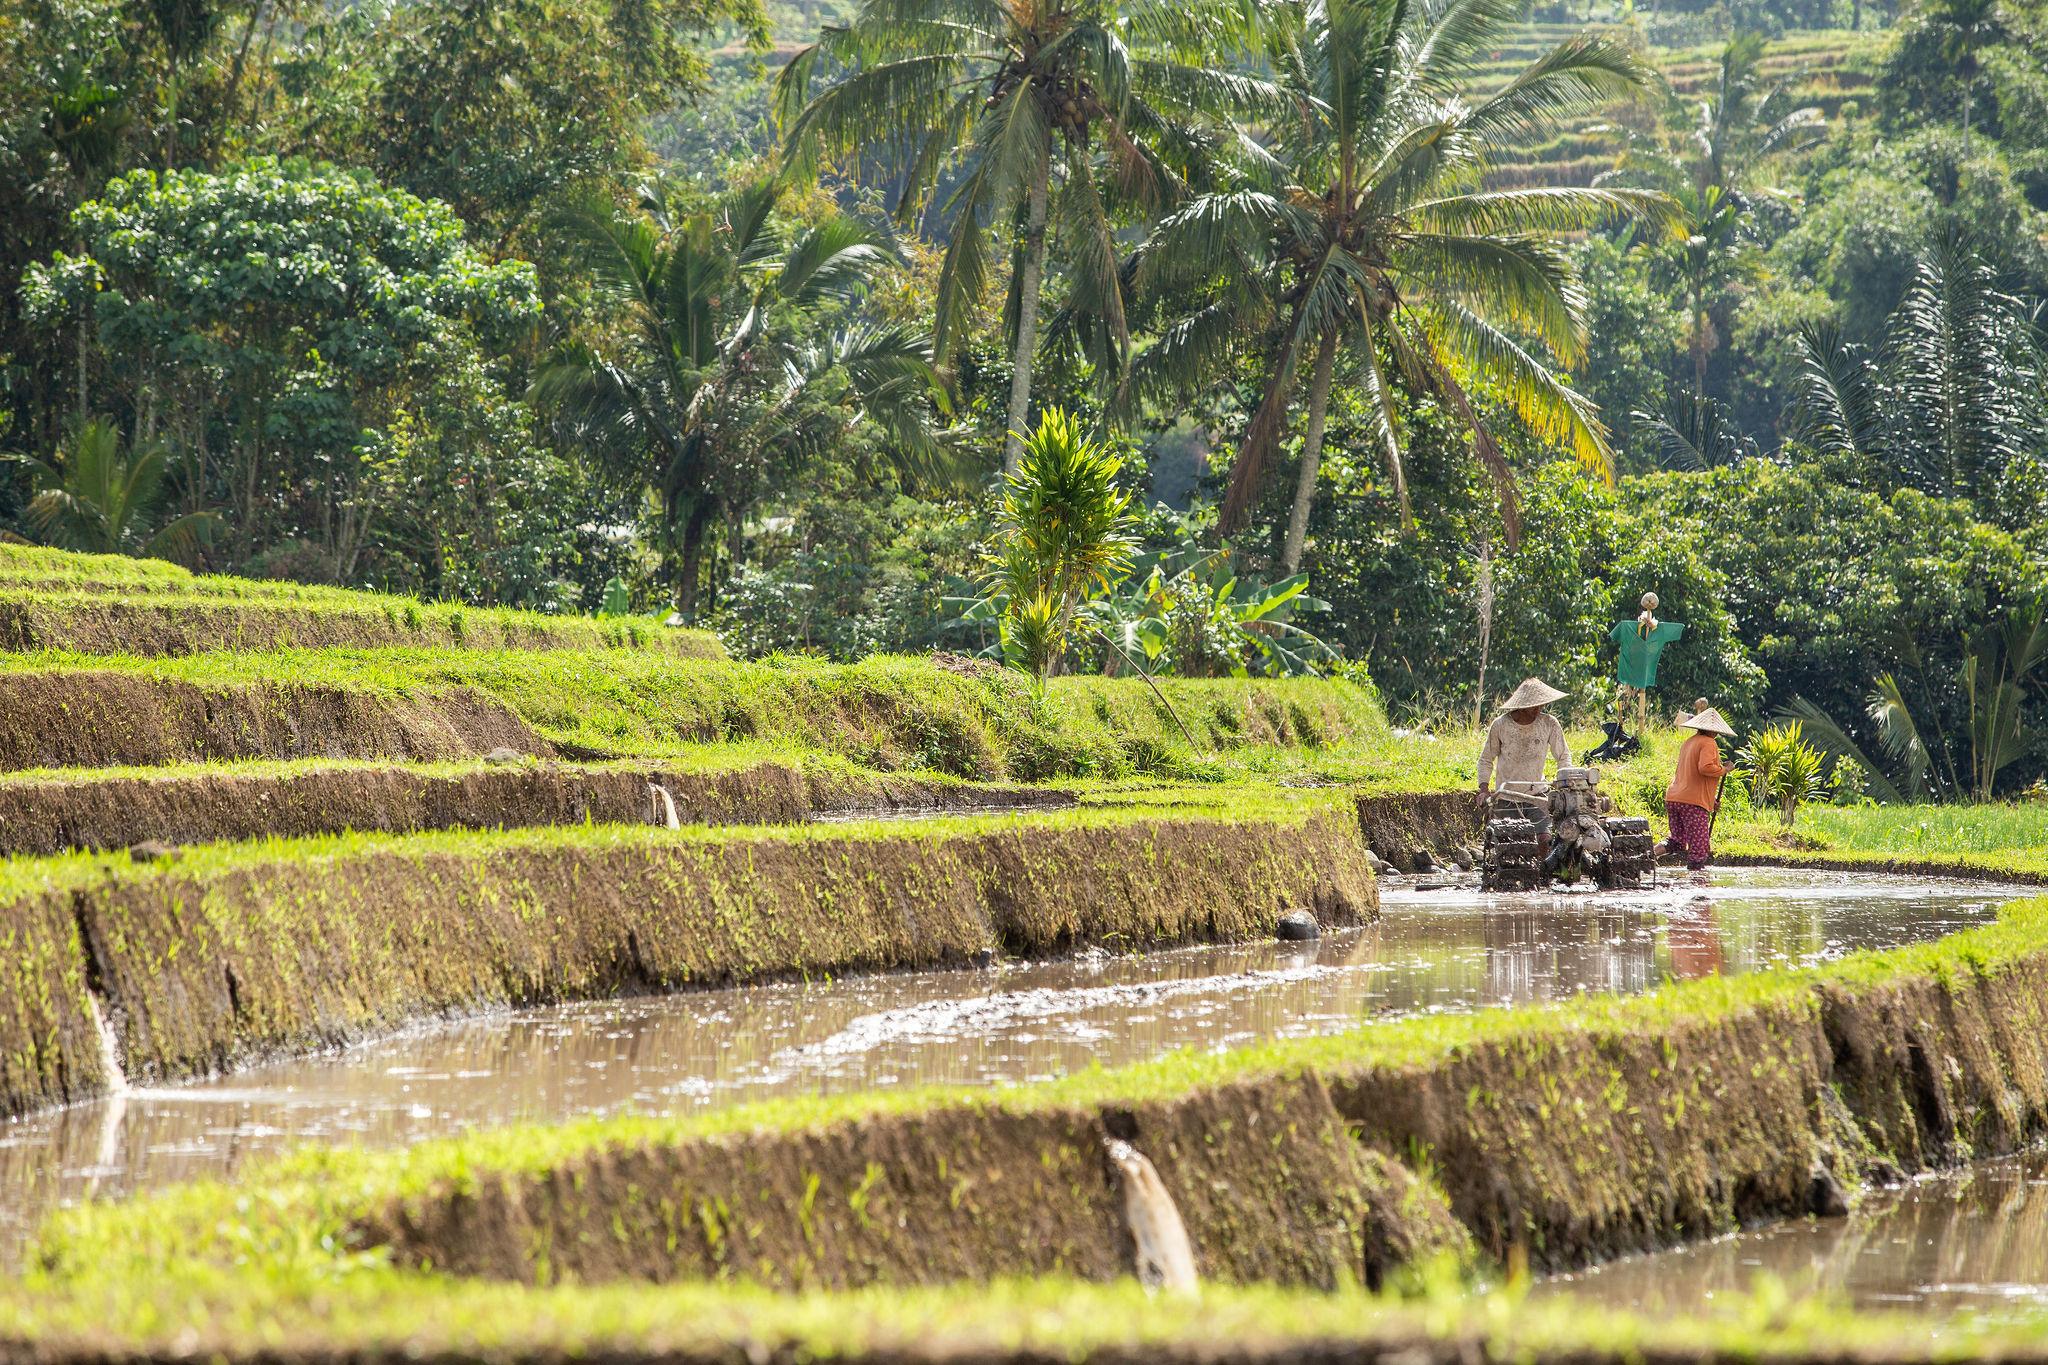 TheWrightLine-Bali-Stills-36-2048x1365-20c6a0fd-25c0-460a-8522-8faf745f4e25.jpg